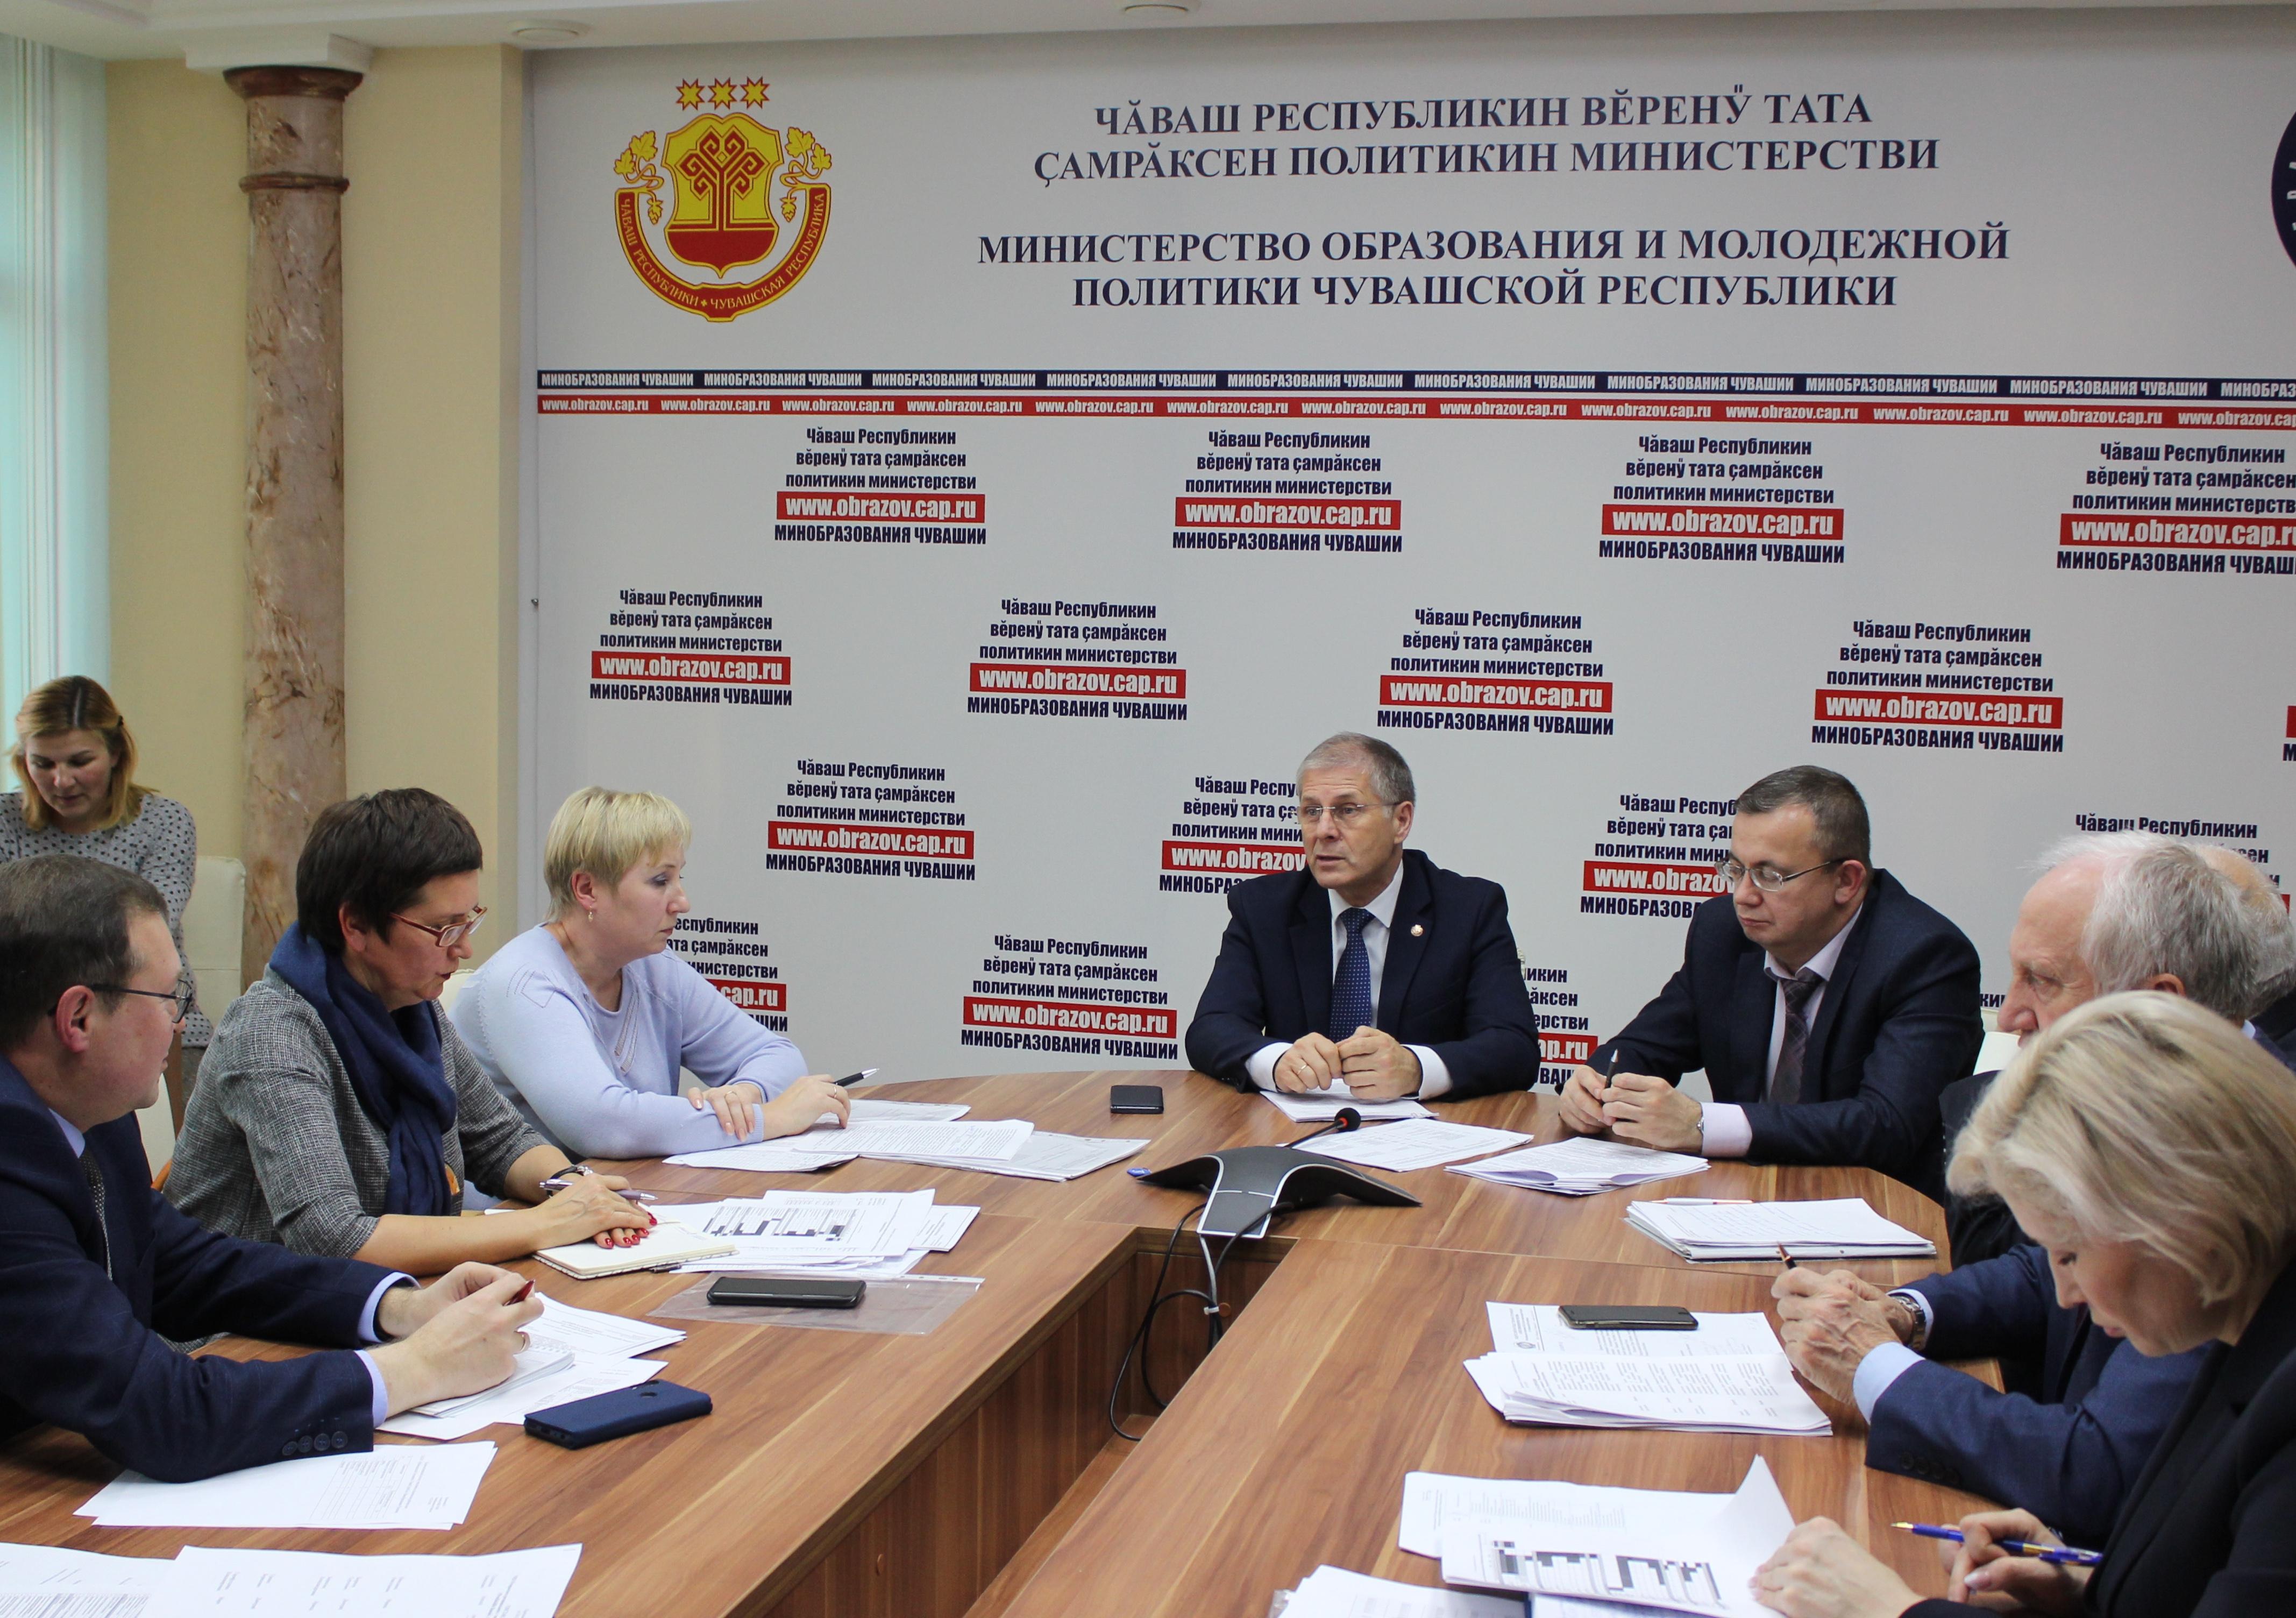 Состоялось заседание организационного комитета по проведению в республике VIII Открытого регионального чемпионата «Молодые профессионалы» (WorldSkills Russia)